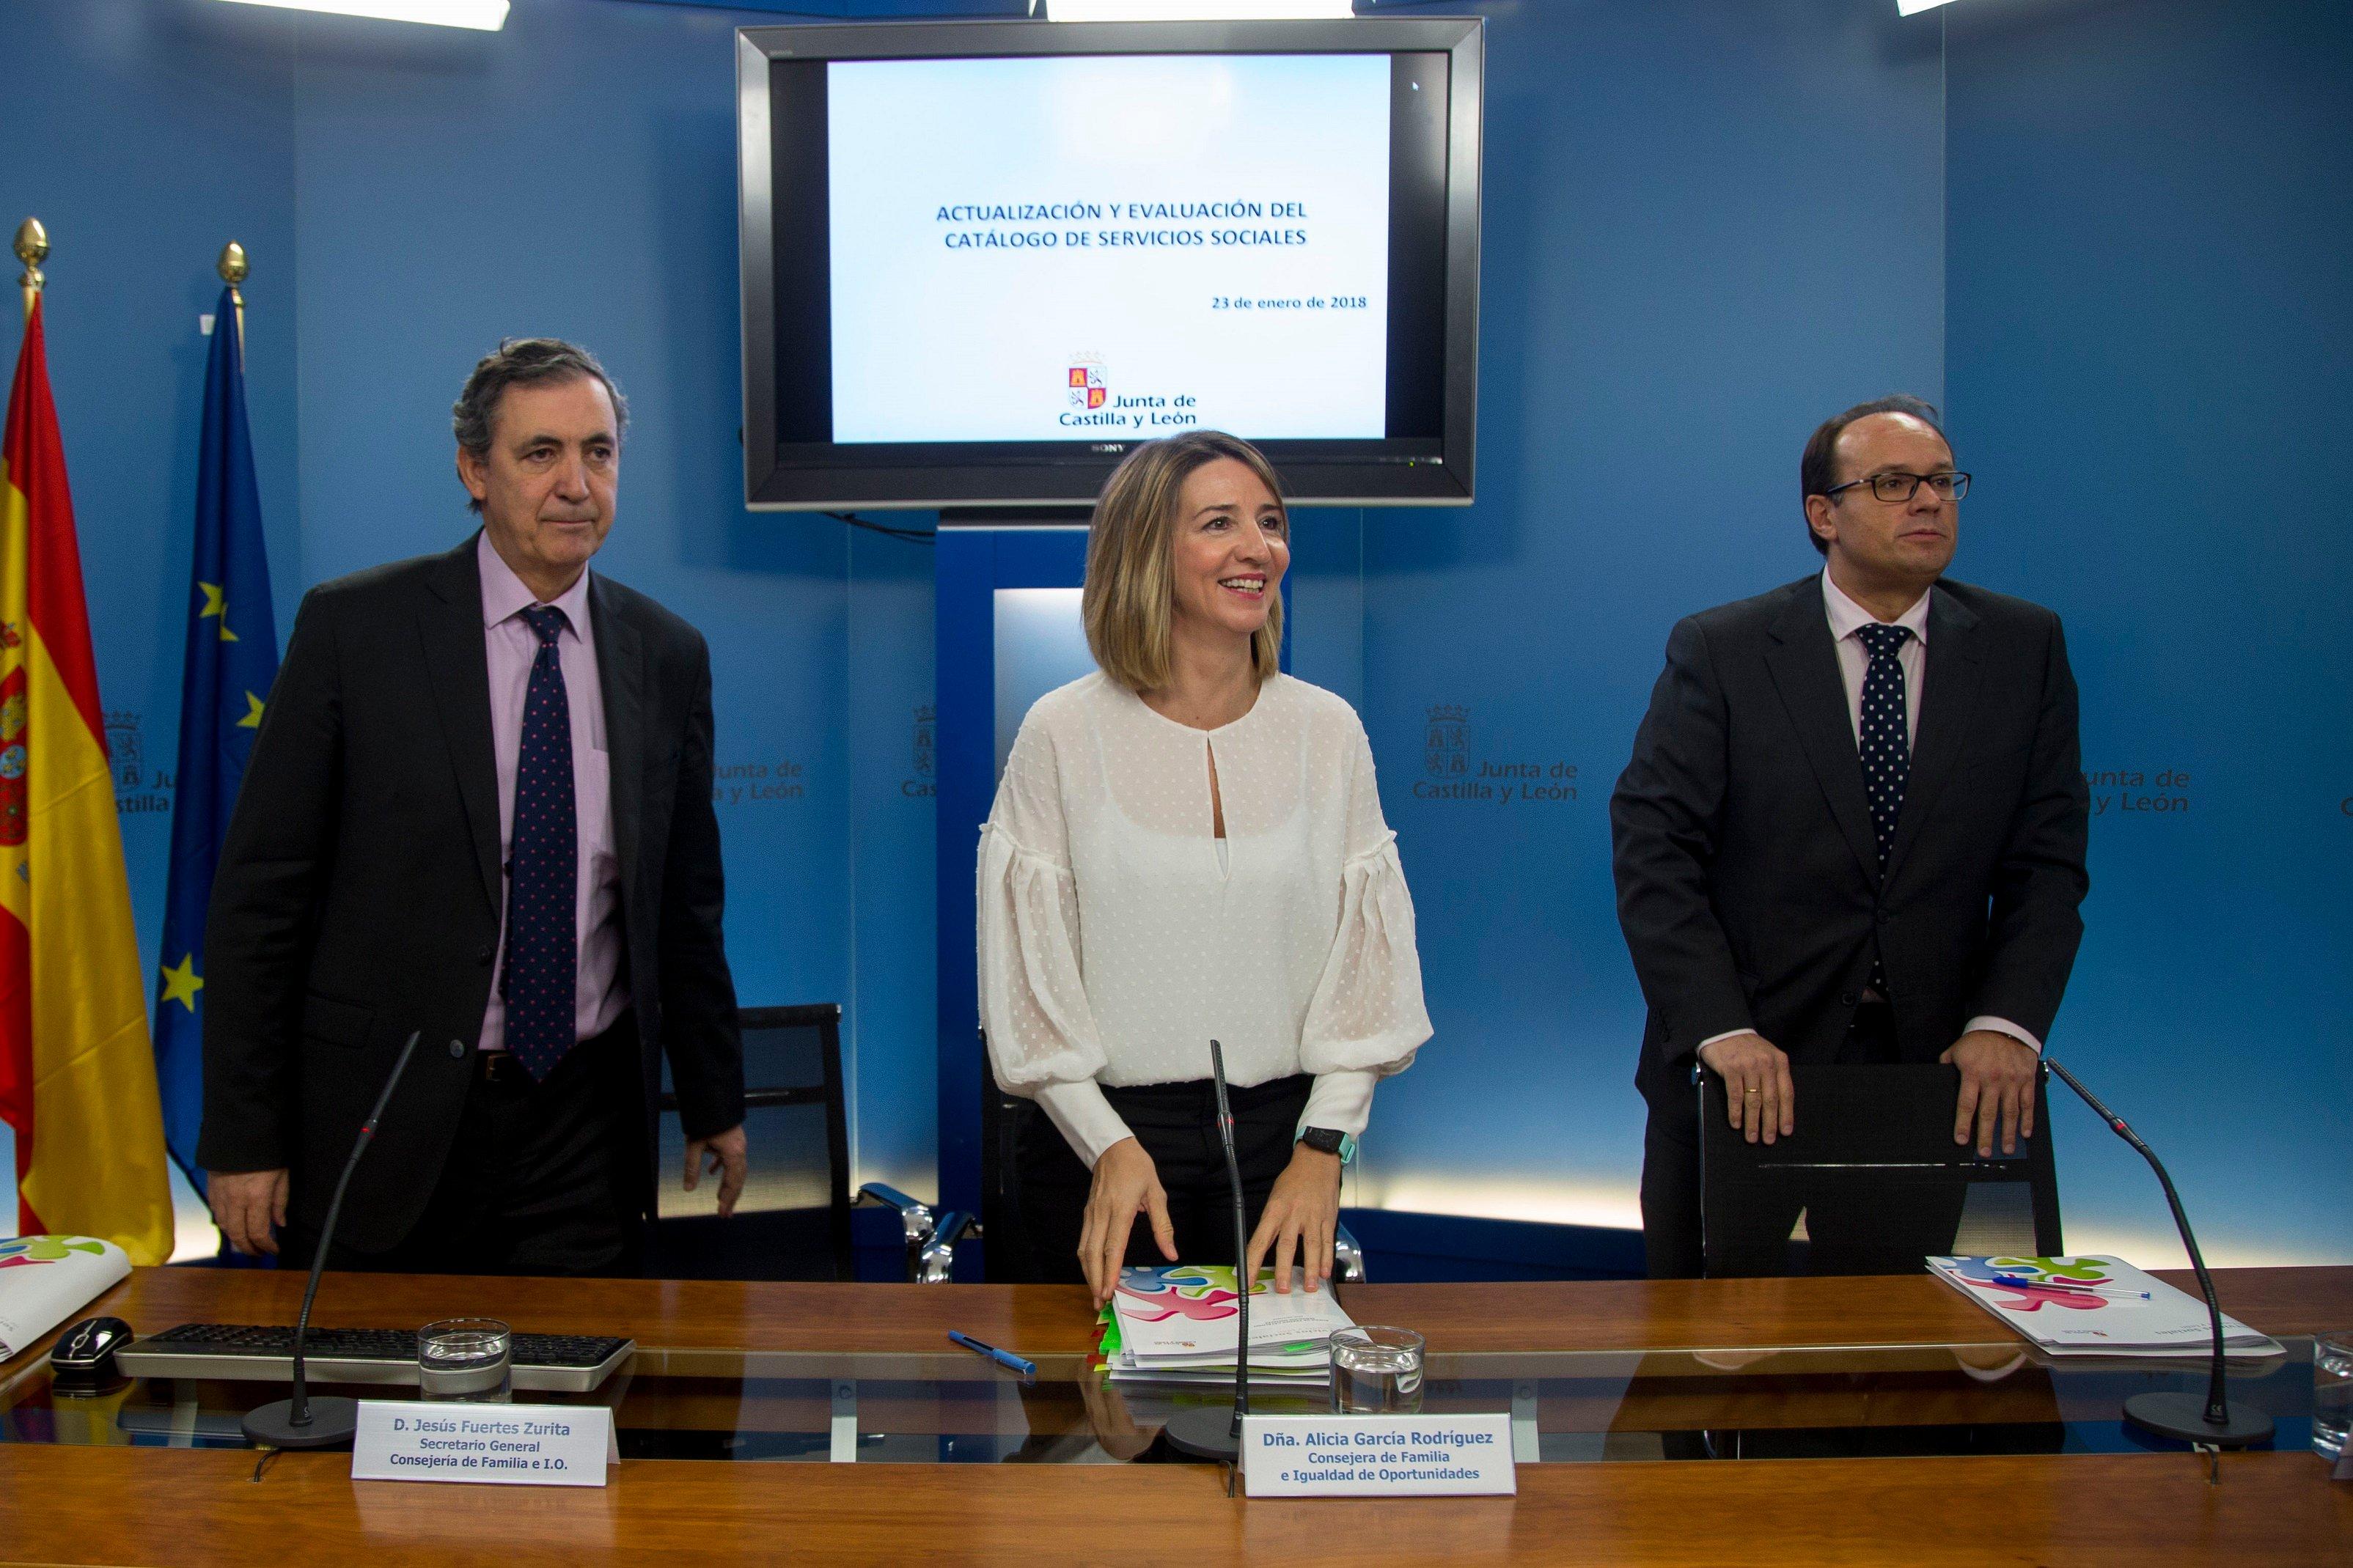 La Junta actualiza, amplía y mejora las prestaciones del Catálogo de Servicios Sociales de Castilla y León